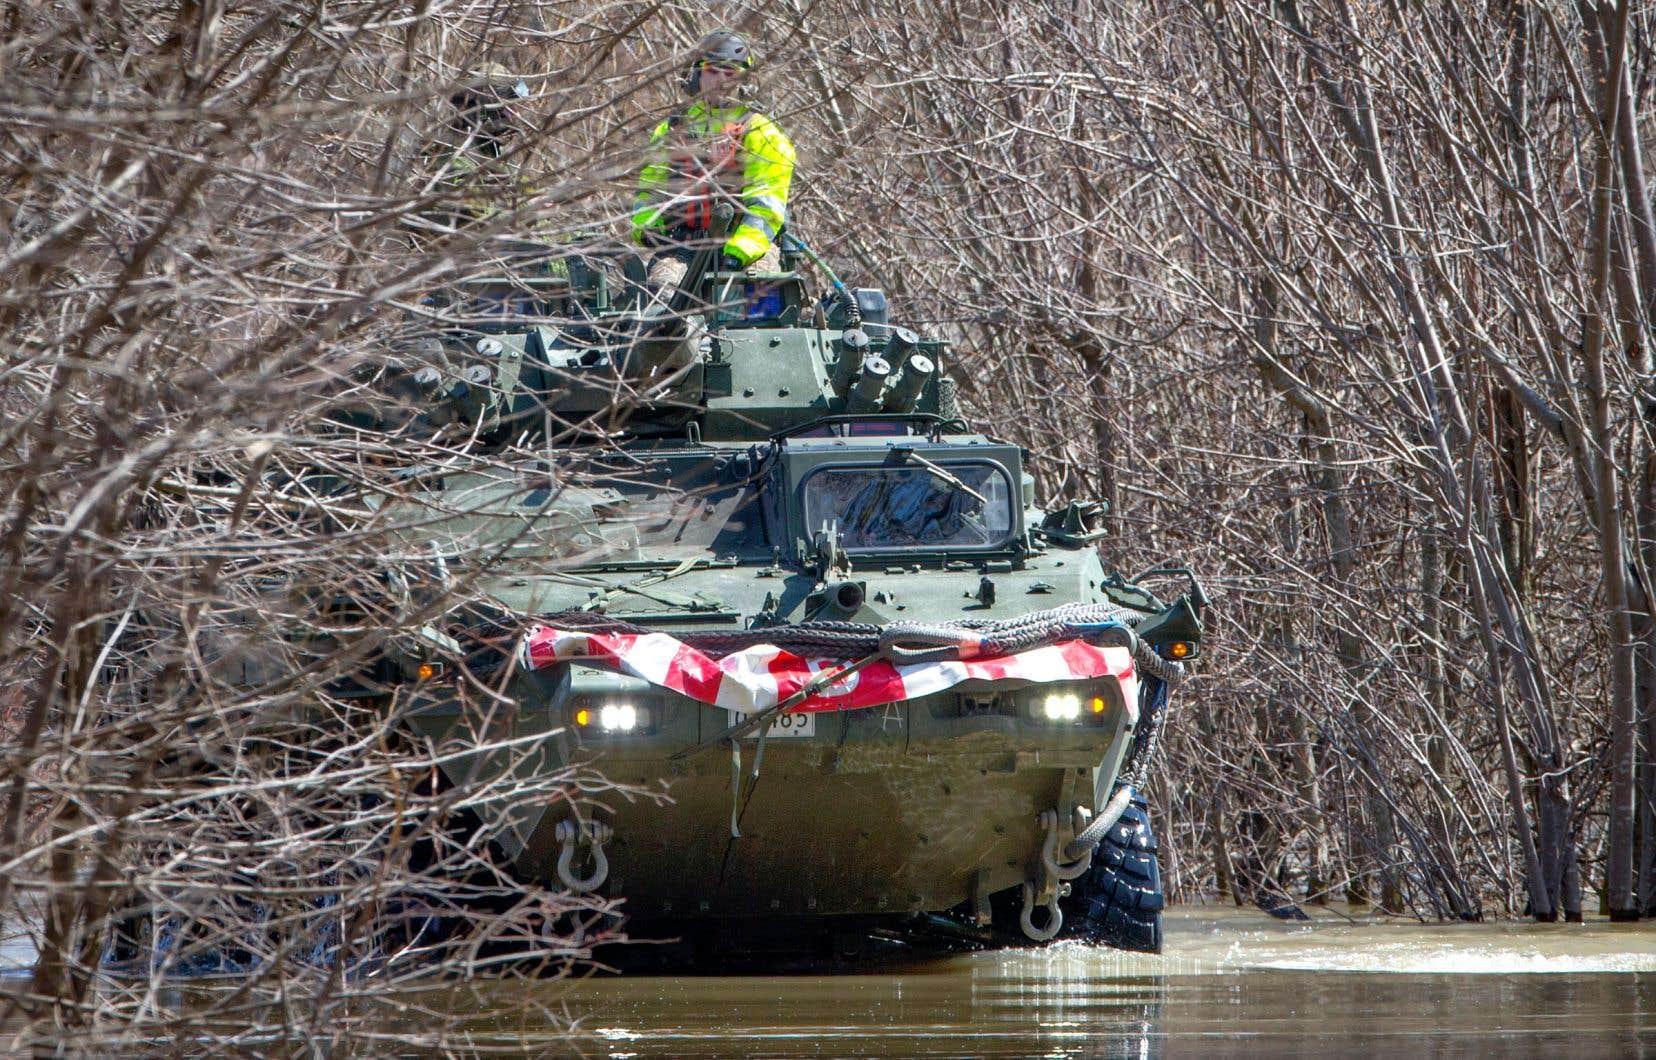 Les soldats de l'armée canadienne continuent de patrouiller et de venir en aide aux sinistrés, comme ici à Rigaud.